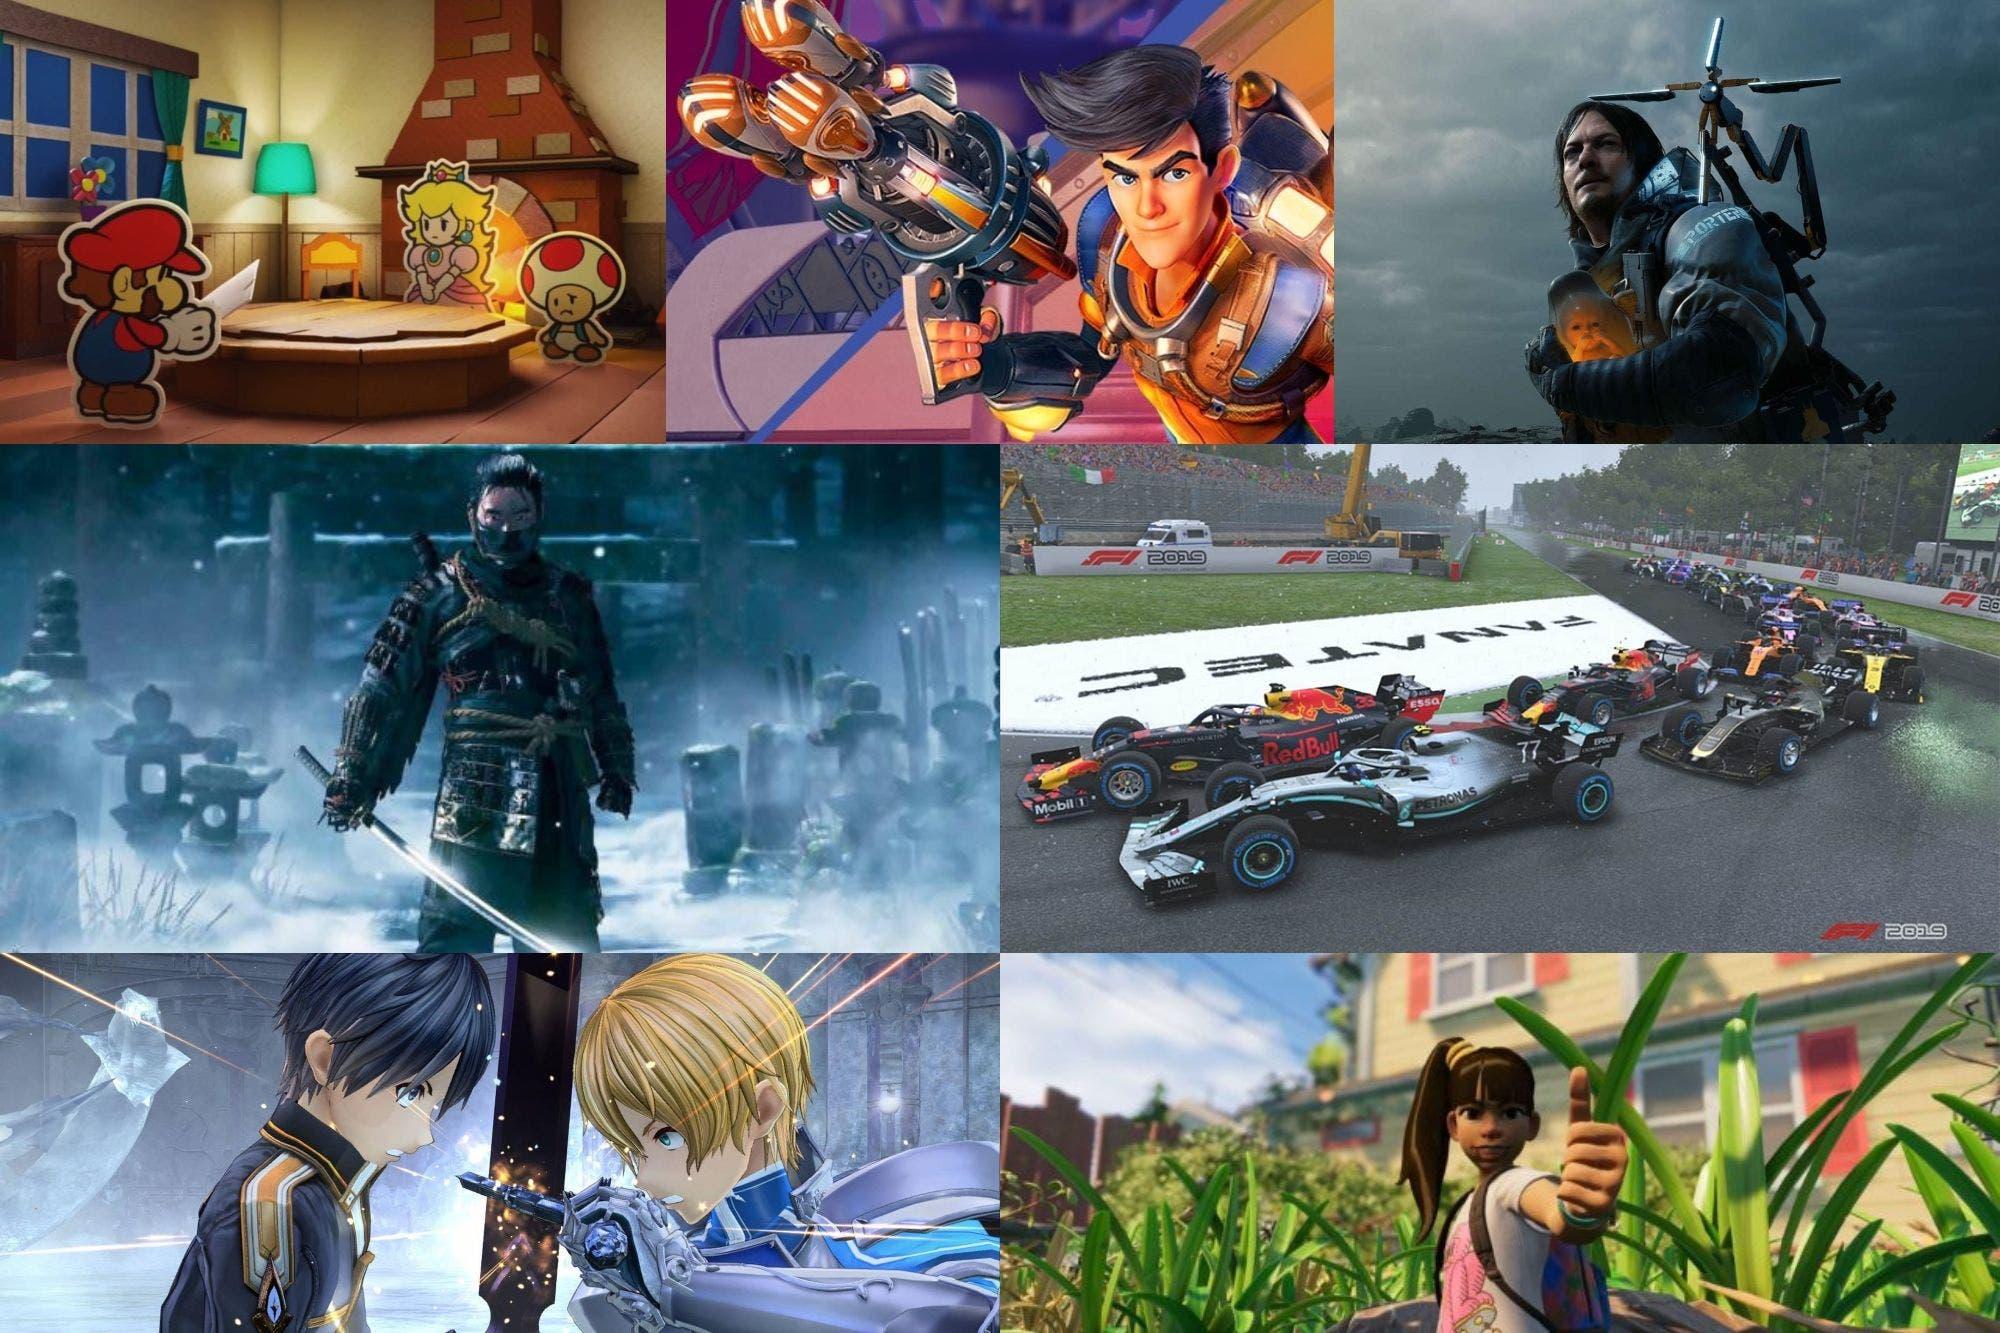 Videojuegos: los mejores lanzamientos de julio para PC, PS4, Xbox One y Switch